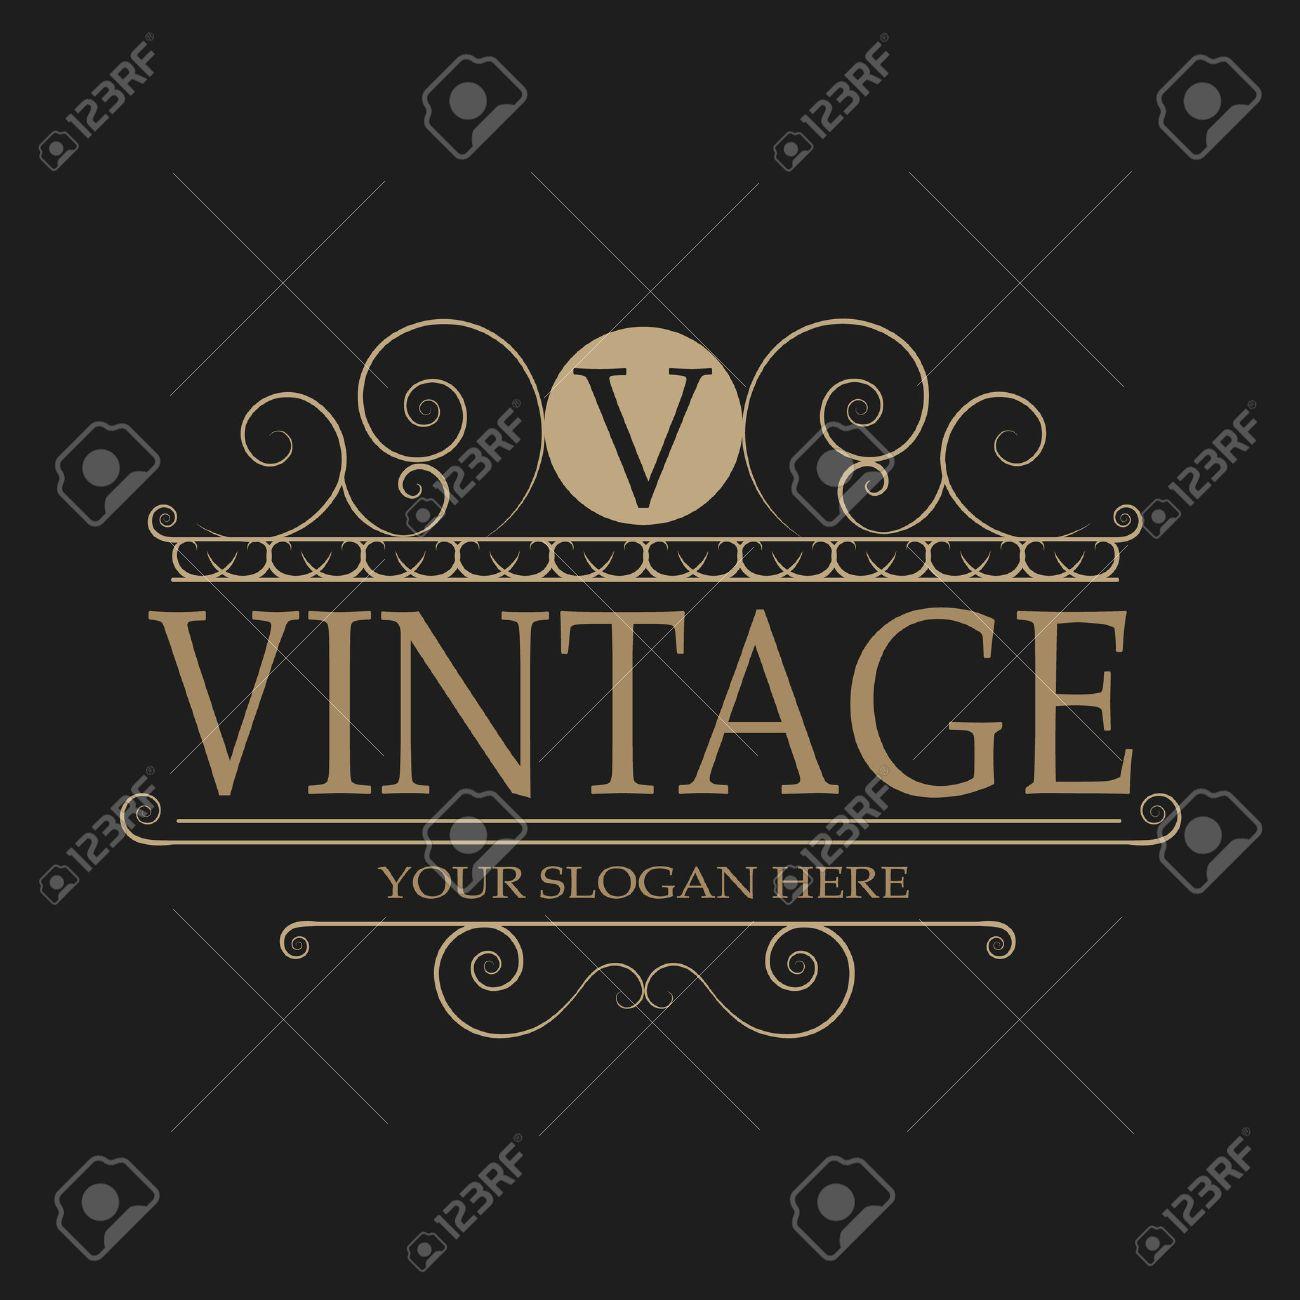 Vintage logo - 45709617